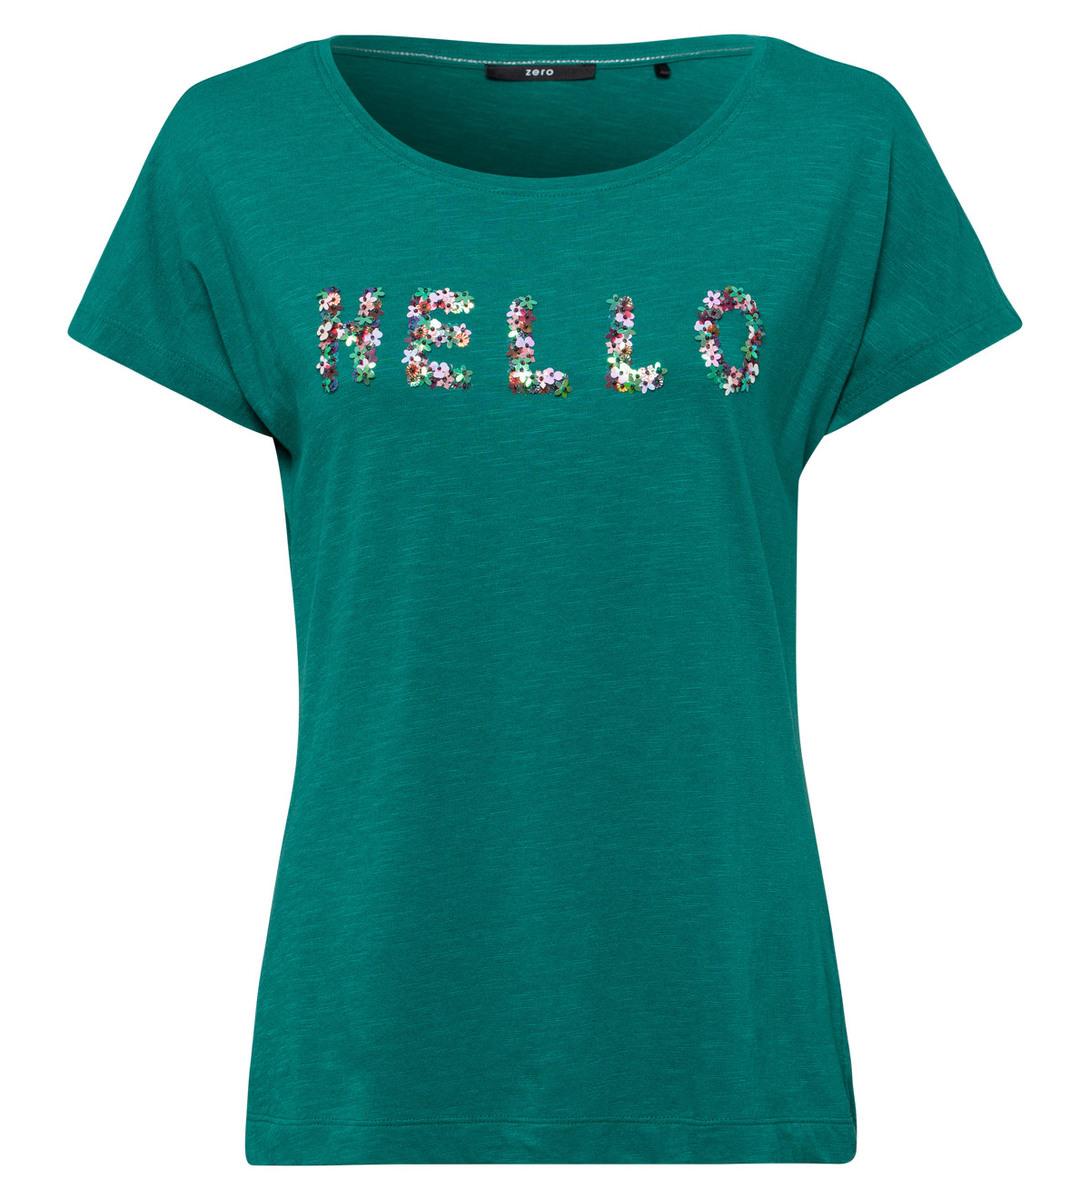 T-Shirt mit Stickerei in ivy green